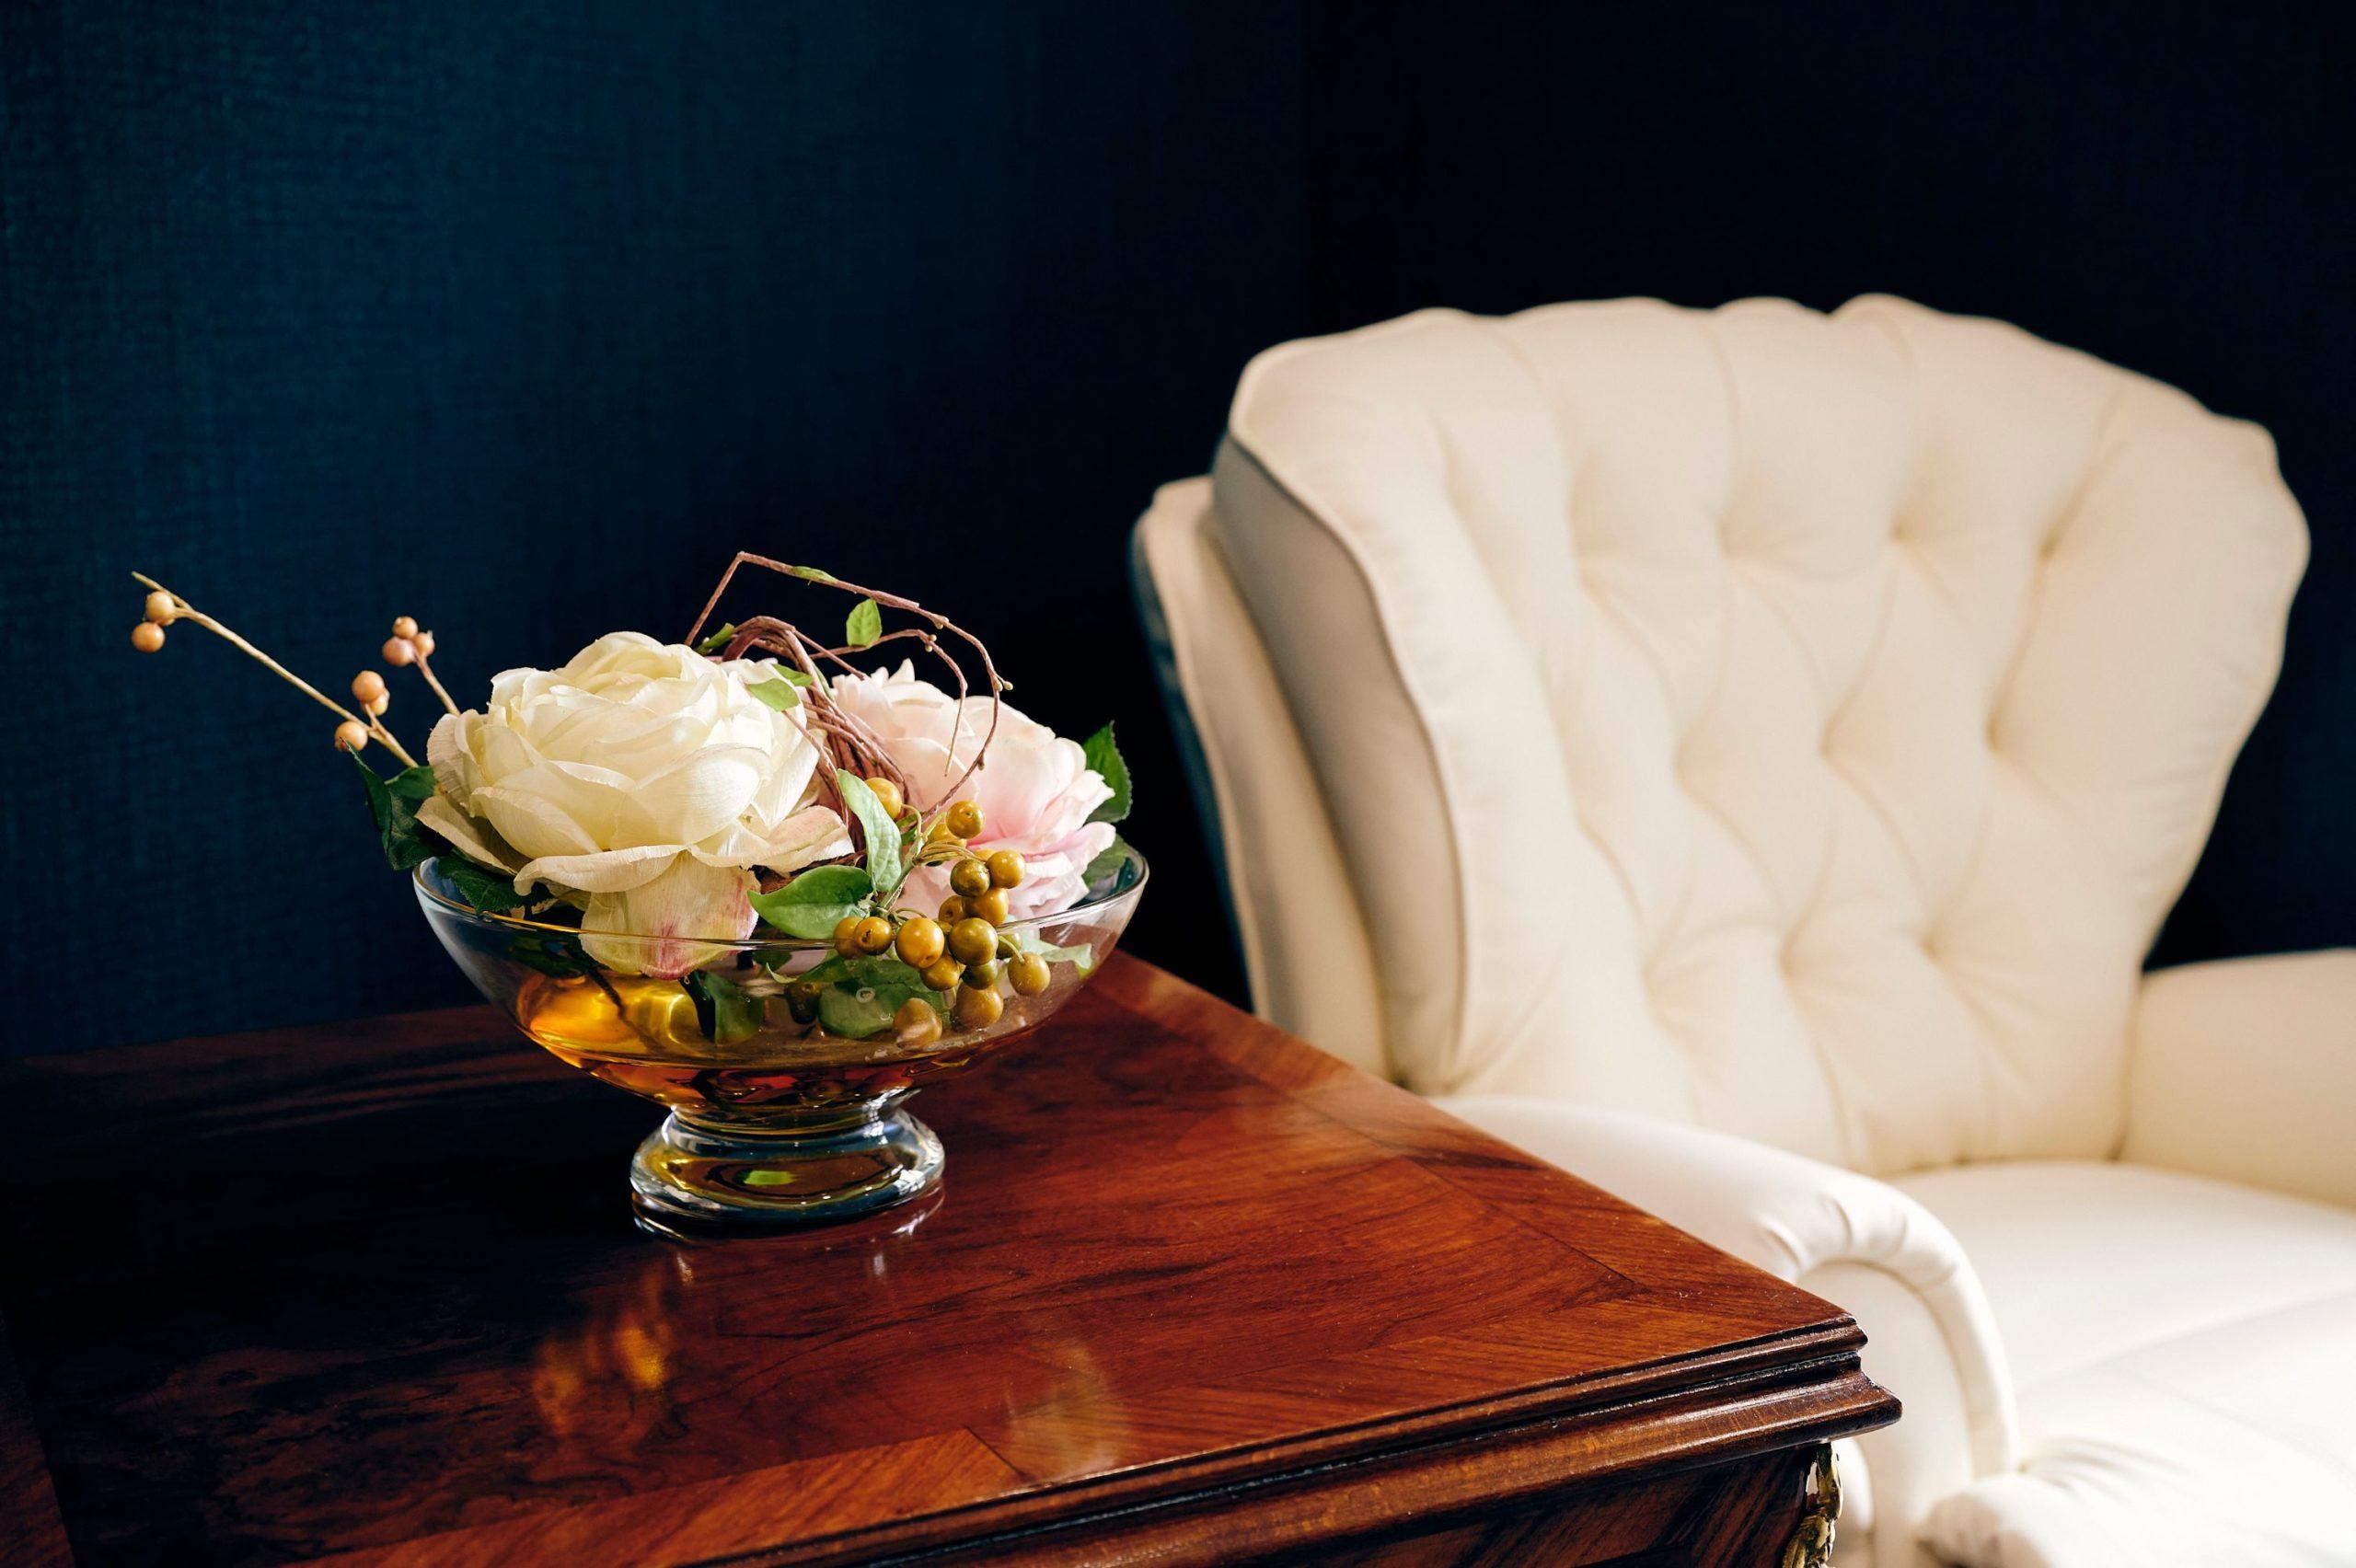 Foto von einem Sessel mit Tisch und Blumenschale im Vordergrund